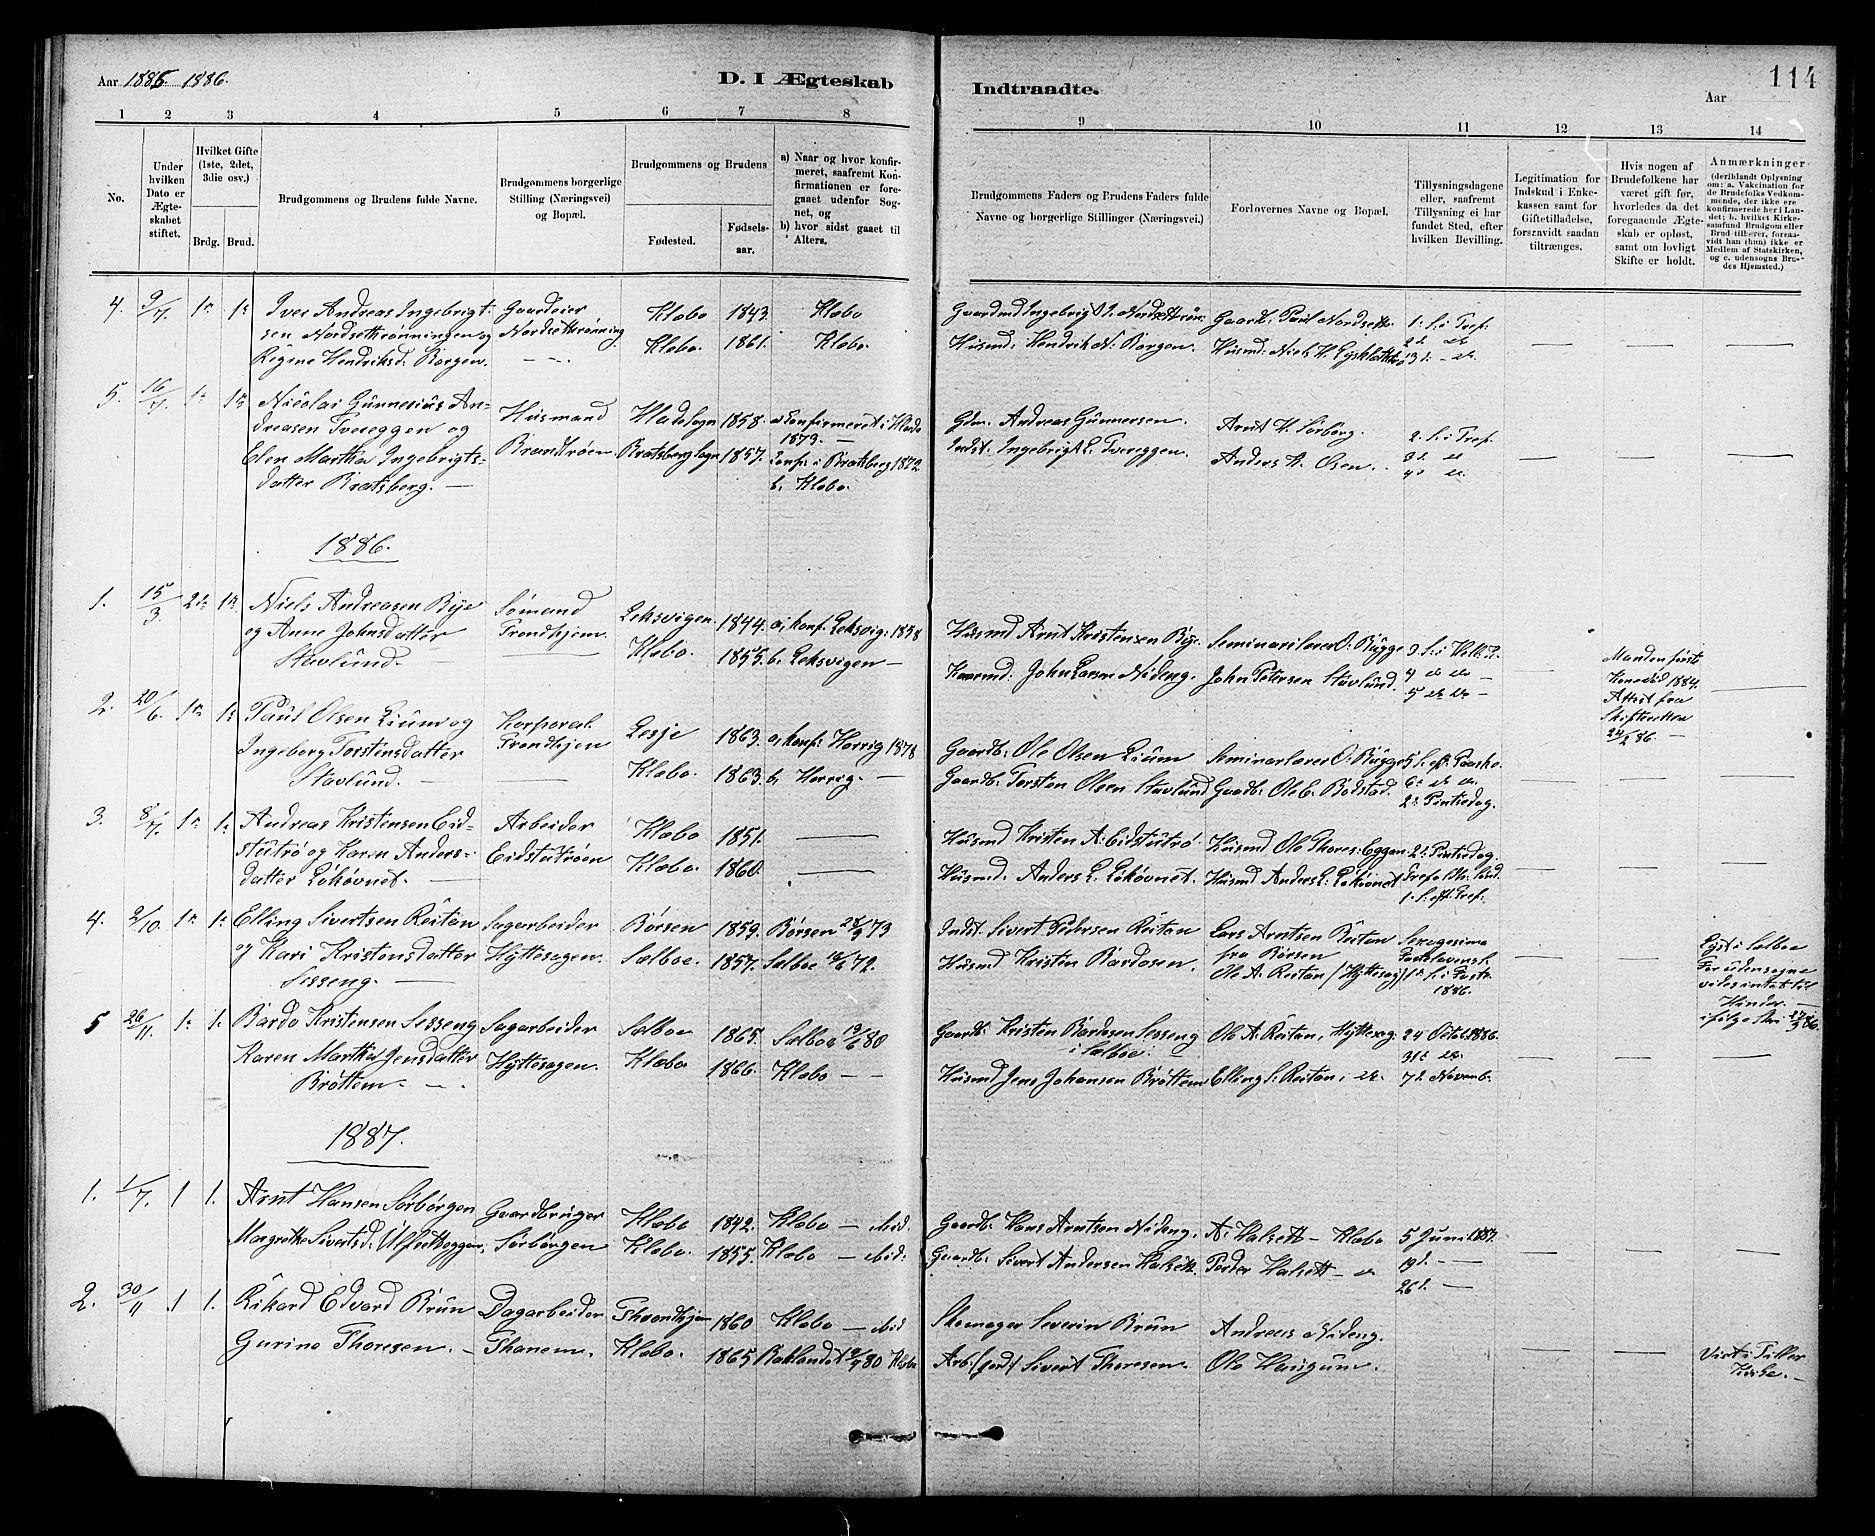 SAT, Ministerialprotokoller, klokkerbøker og fødselsregistre - Sør-Trøndelag, 618/L0452: Klokkerbok nr. 618C03, 1884-1906, s. 114